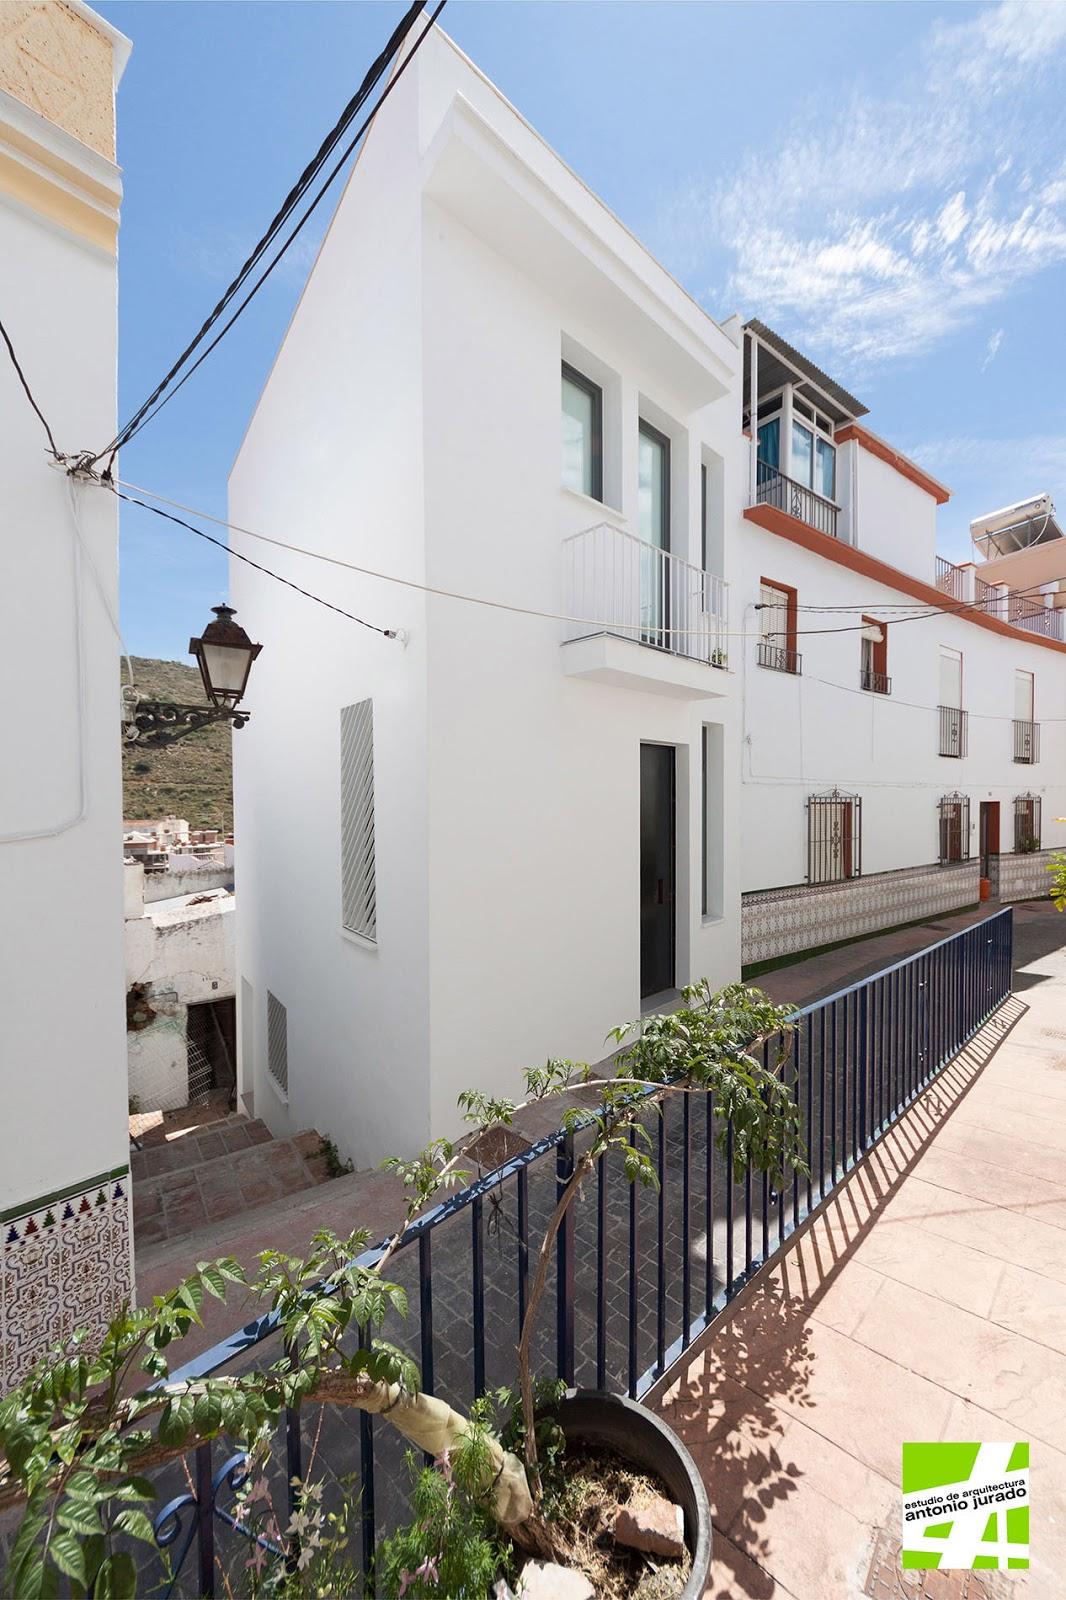 casa-tr-vivienda-unifamiliar-torrox-malaga-antonio-jurado-arquitecto-04